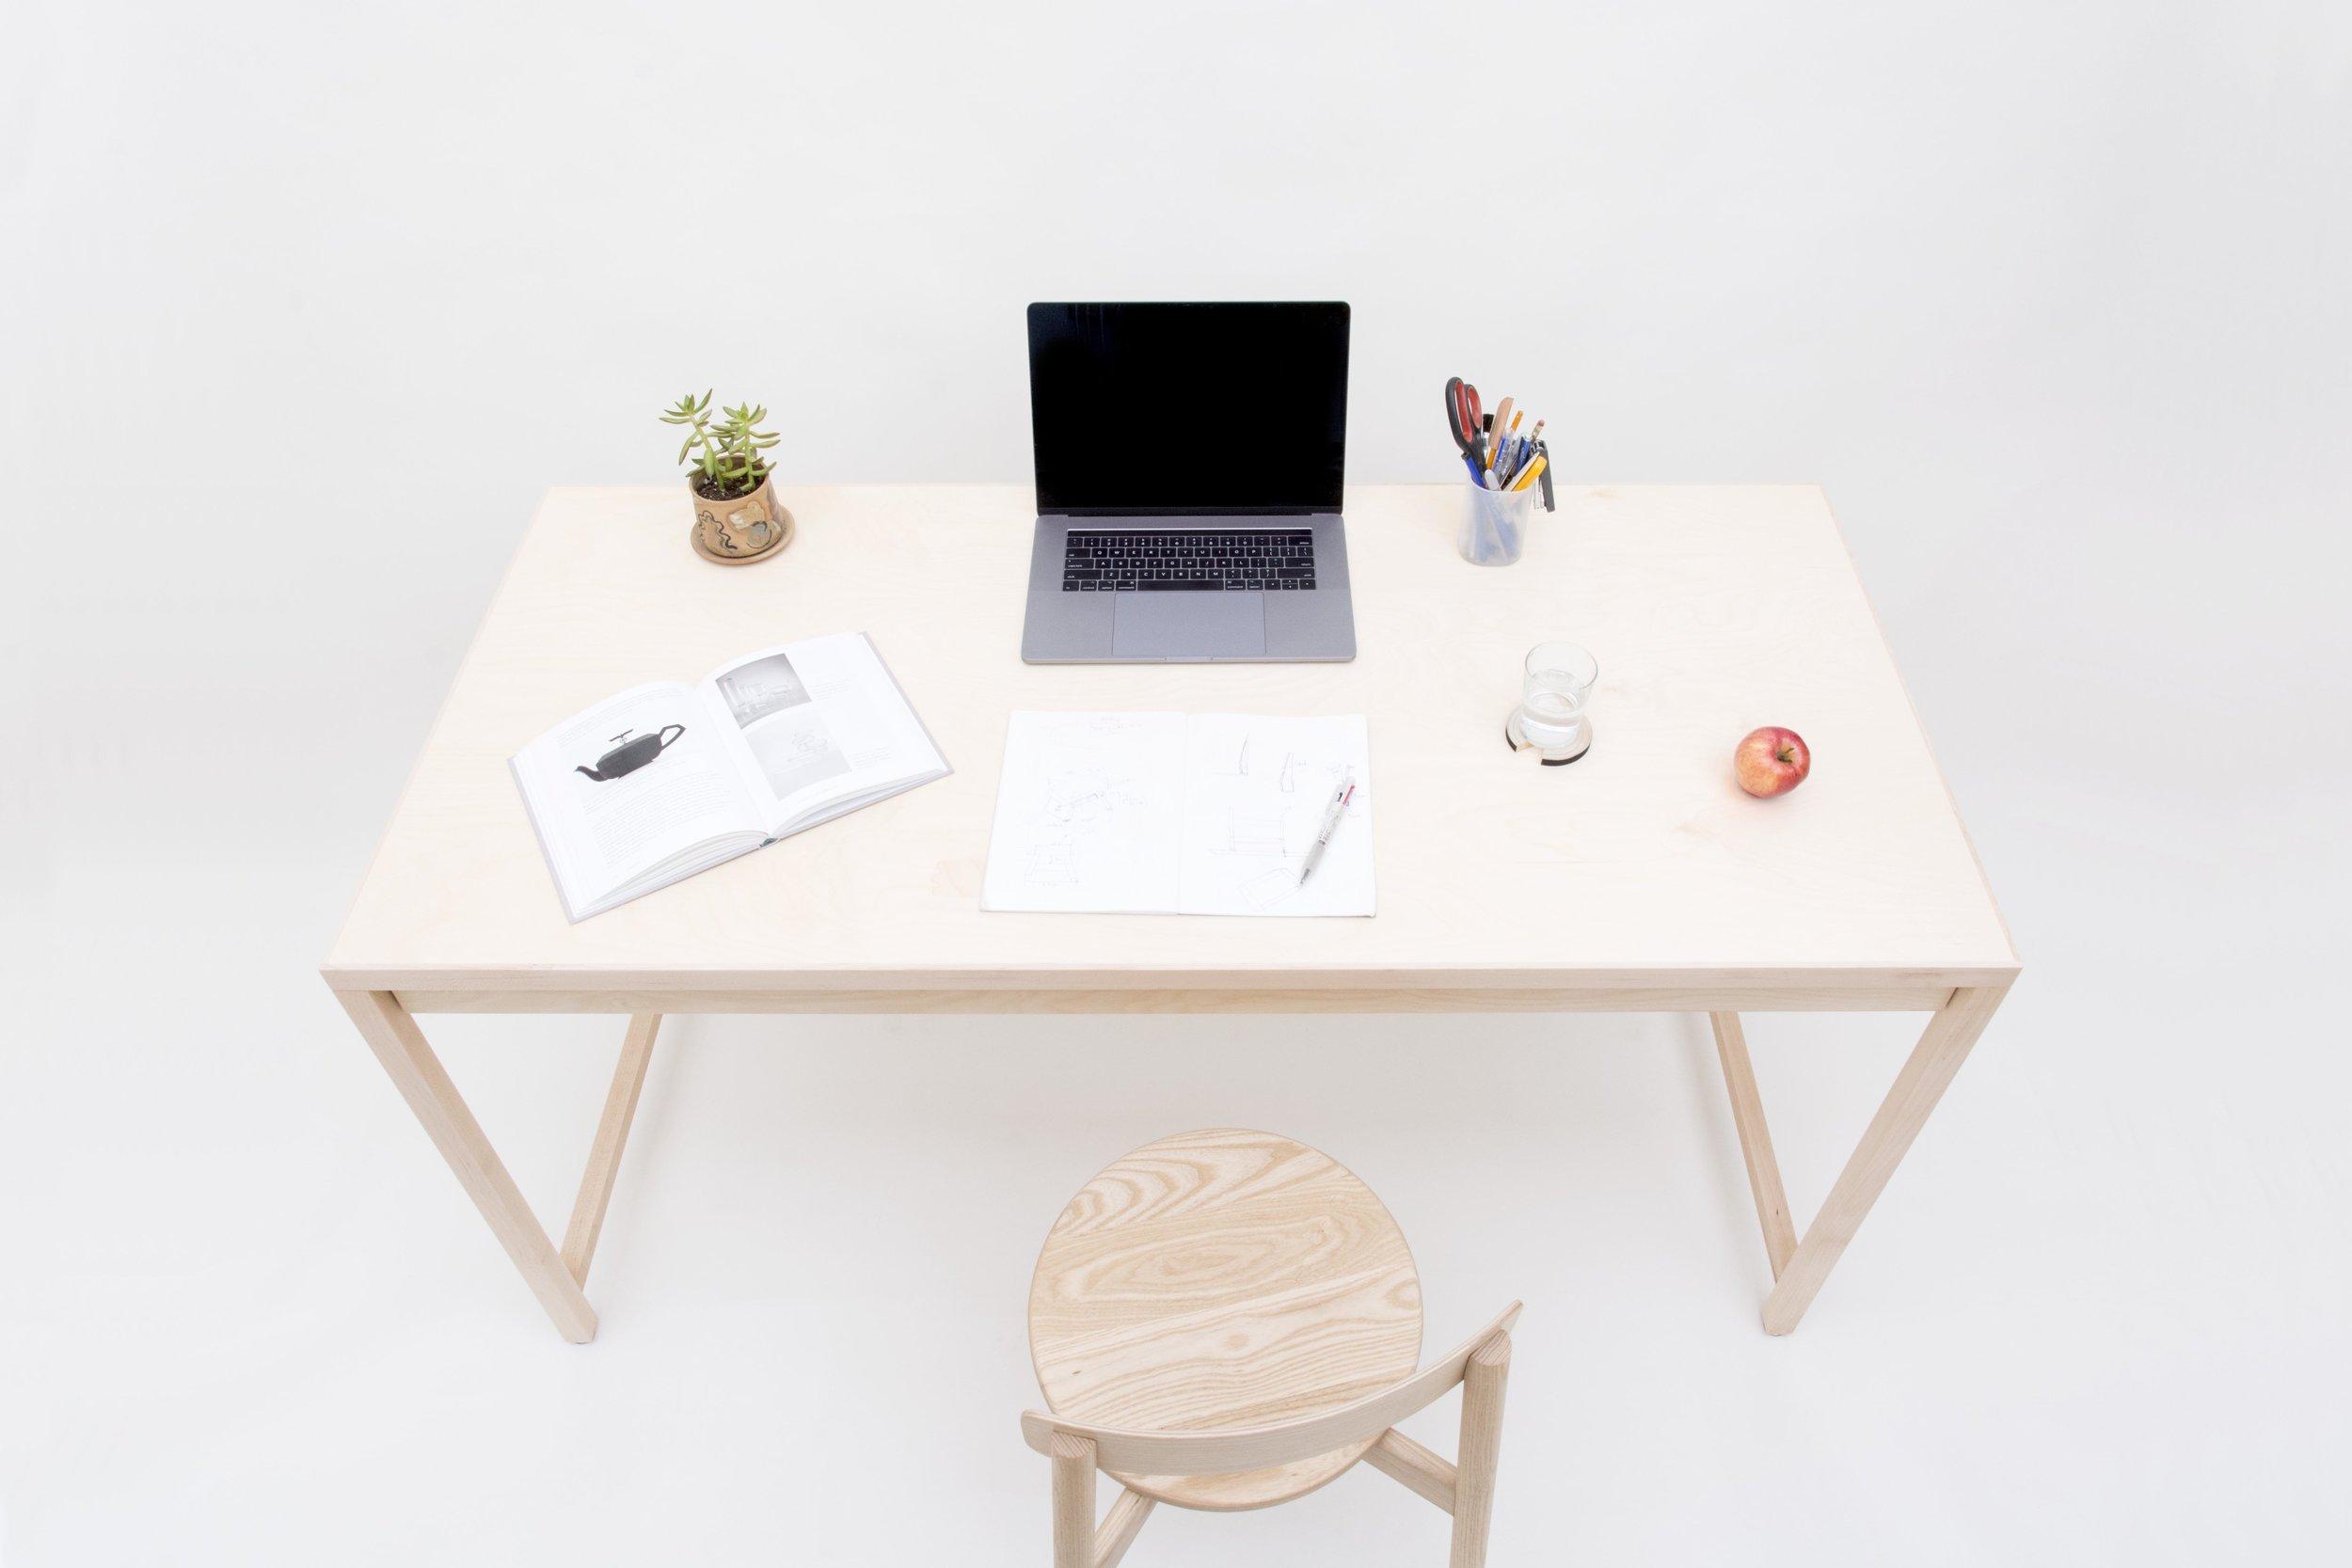 tps desk 1.jpg